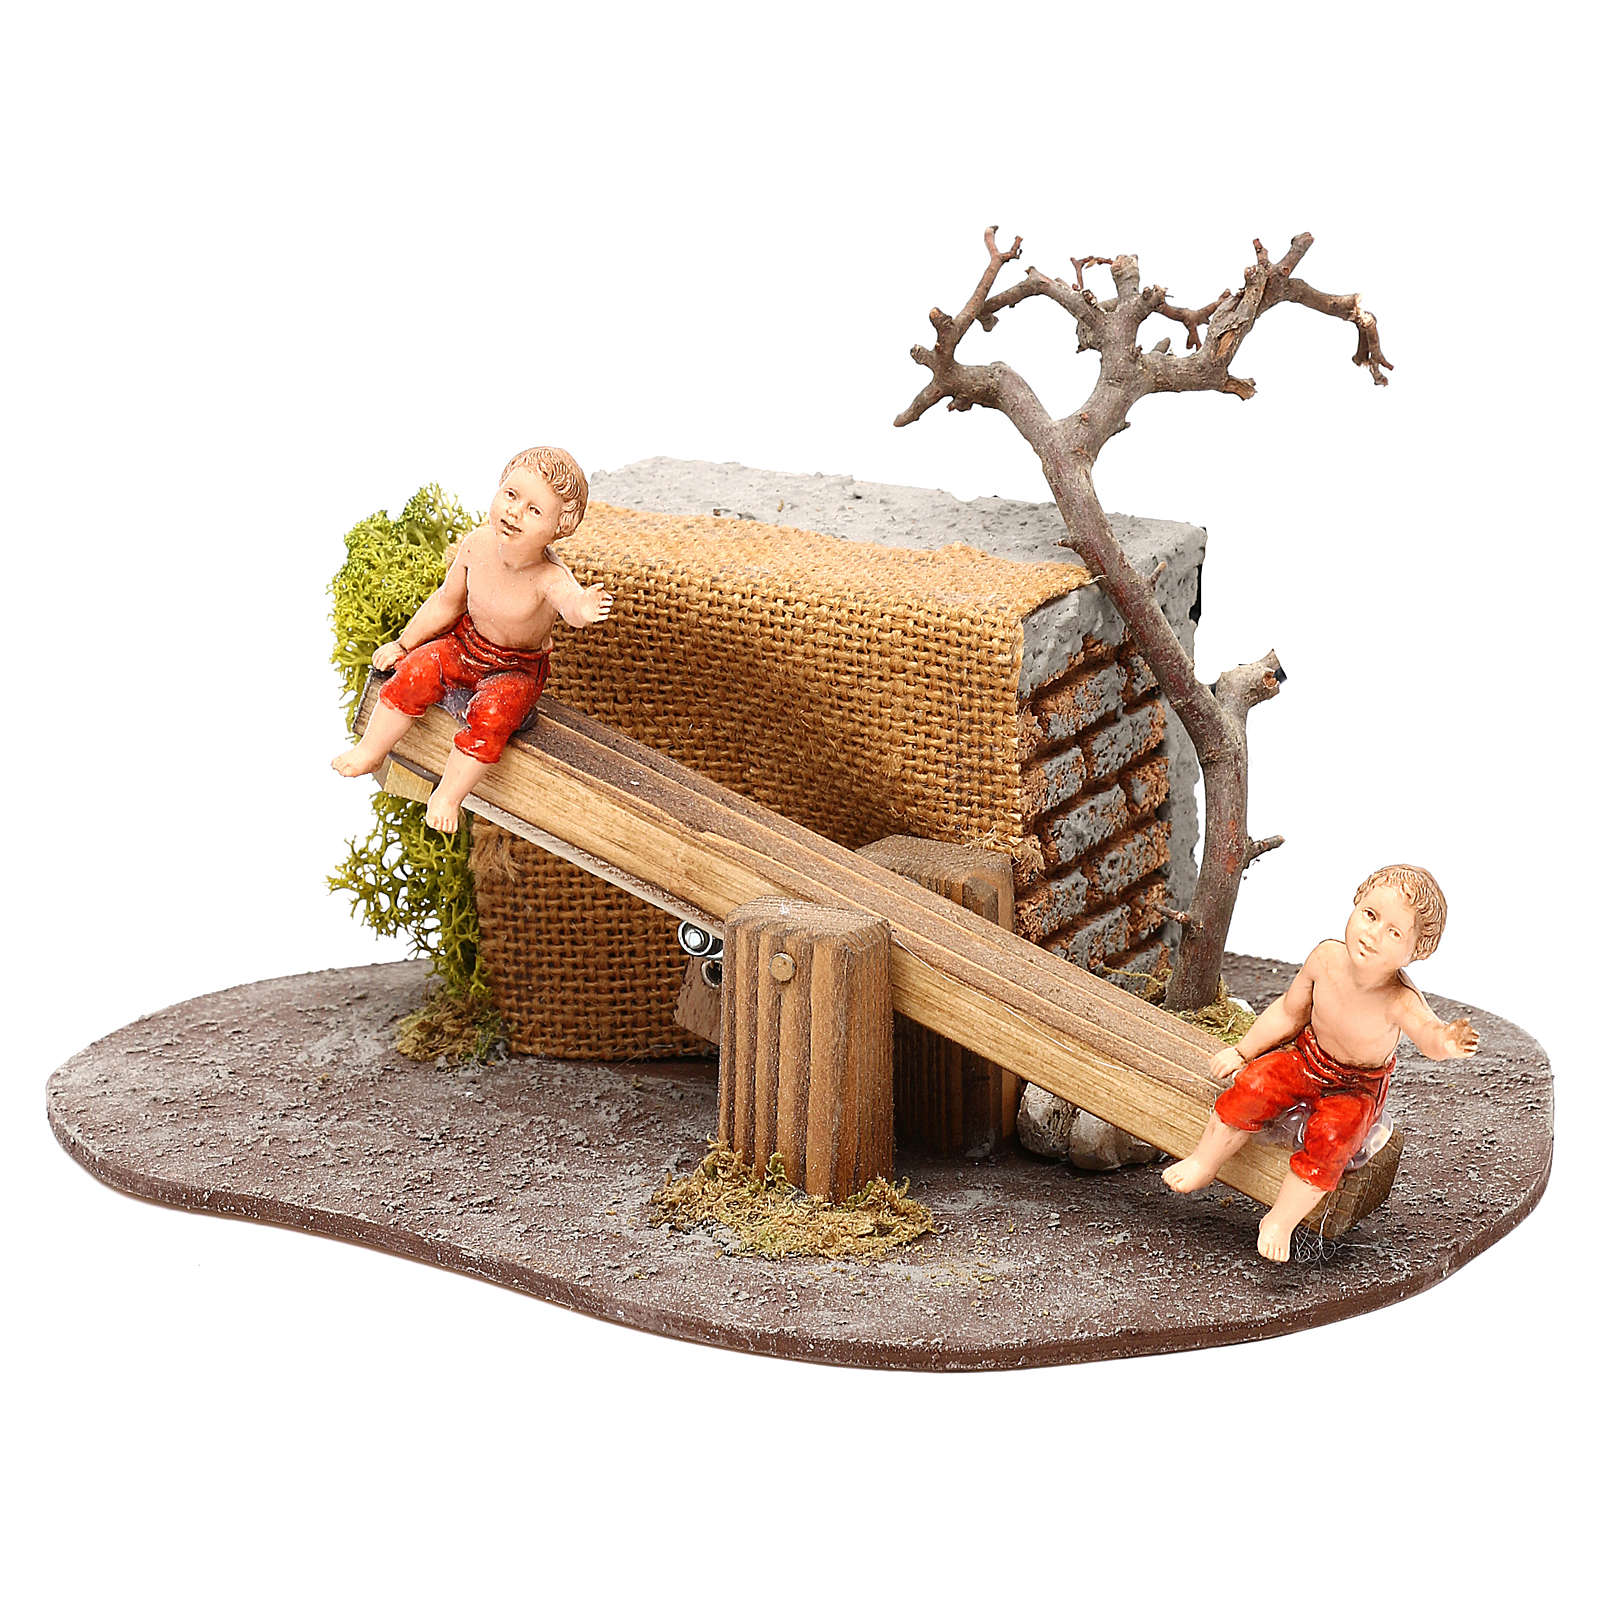 Bambini Oliver su altalena con movimento per presepi di 10 cm 3